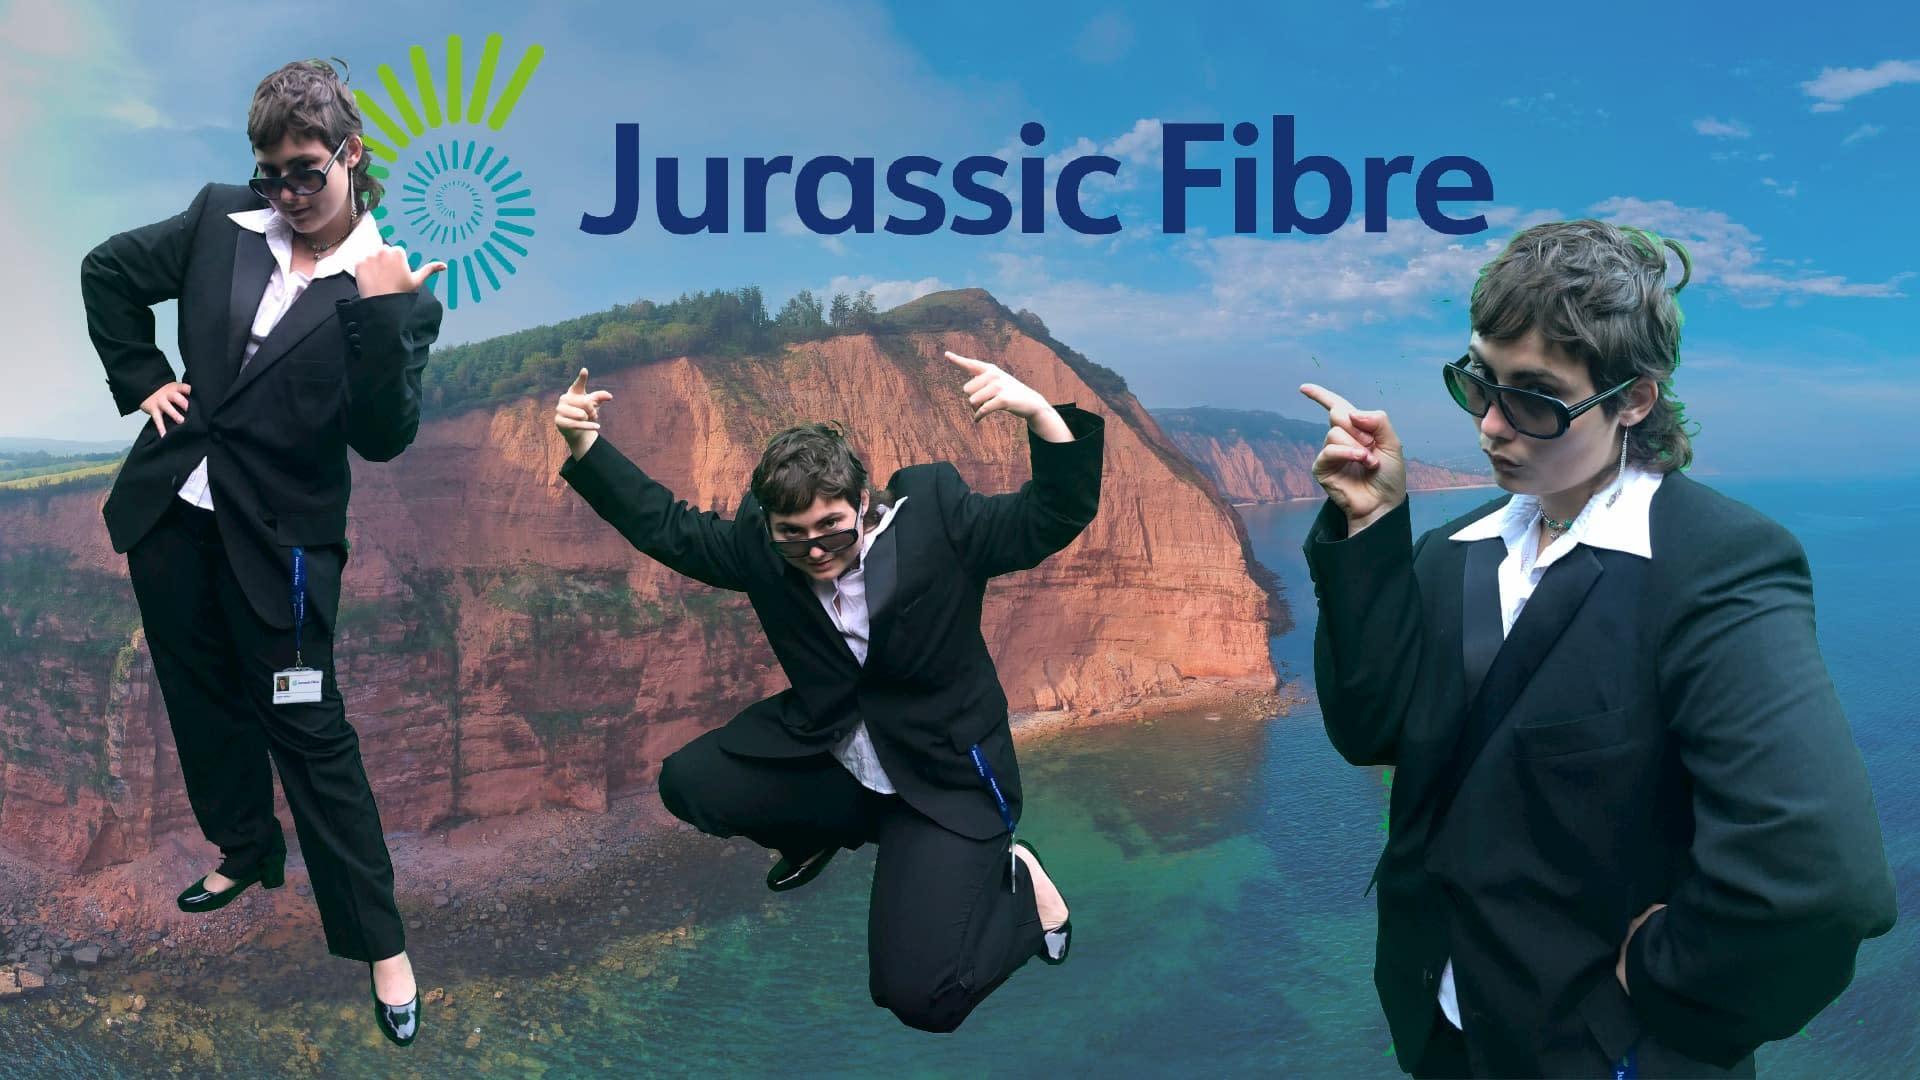 — Jurassic Fibre